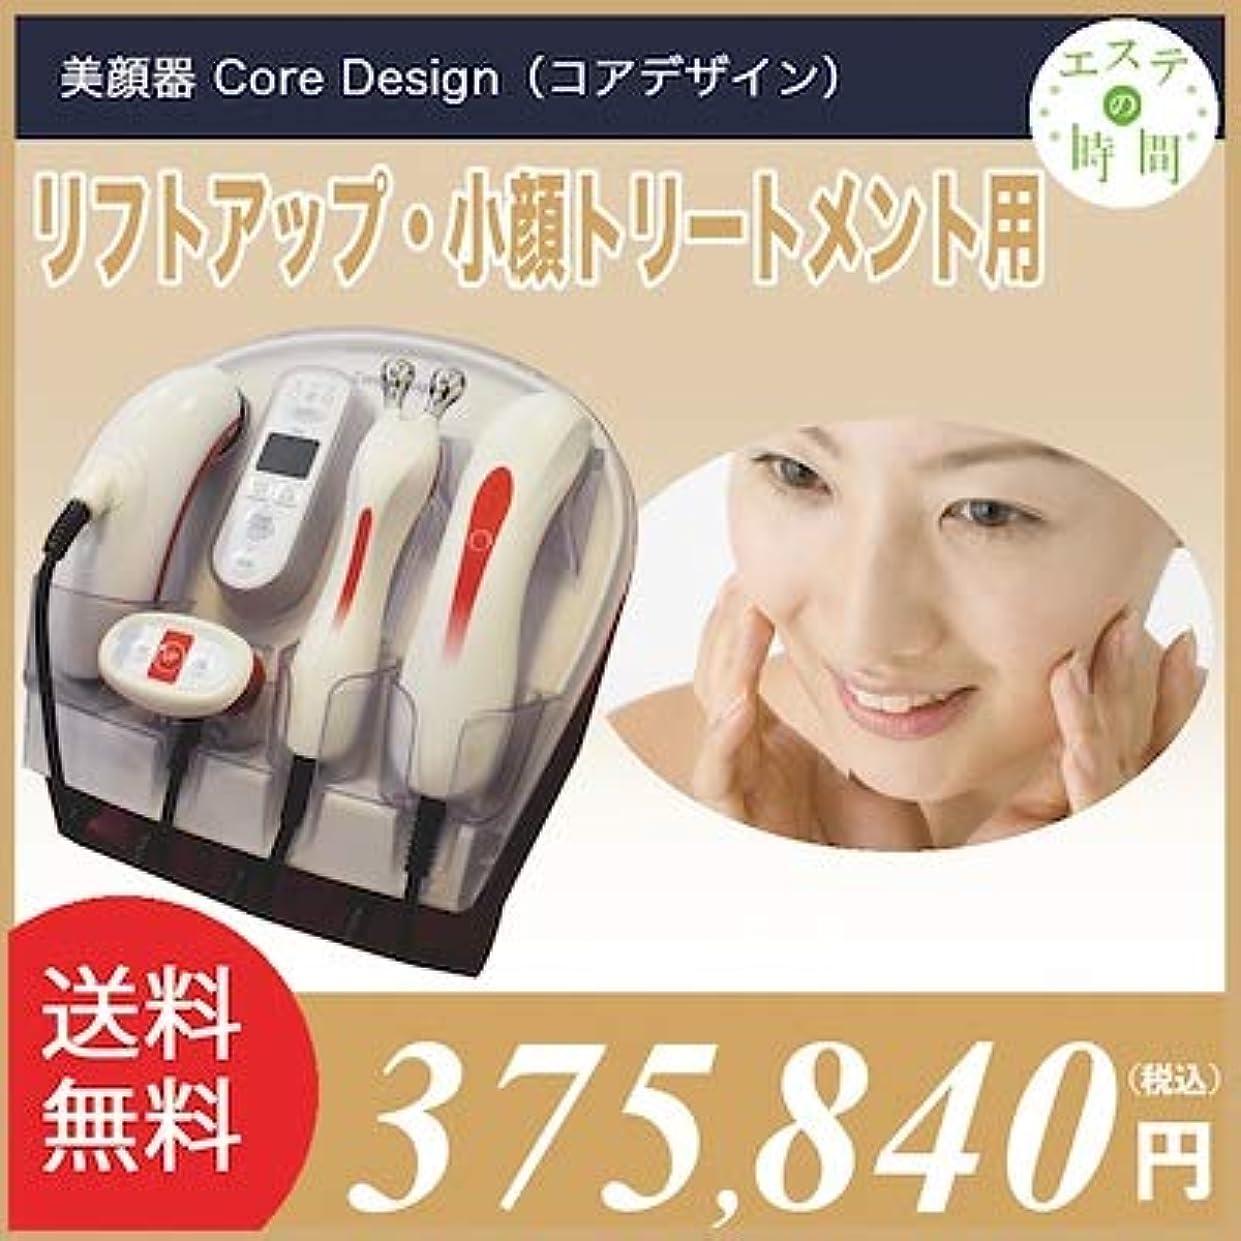 惨めな容量逆日本製 エステ業務用 美顔器 Core Design (コアデザイン)/ 全国どこでも無償納品研修付